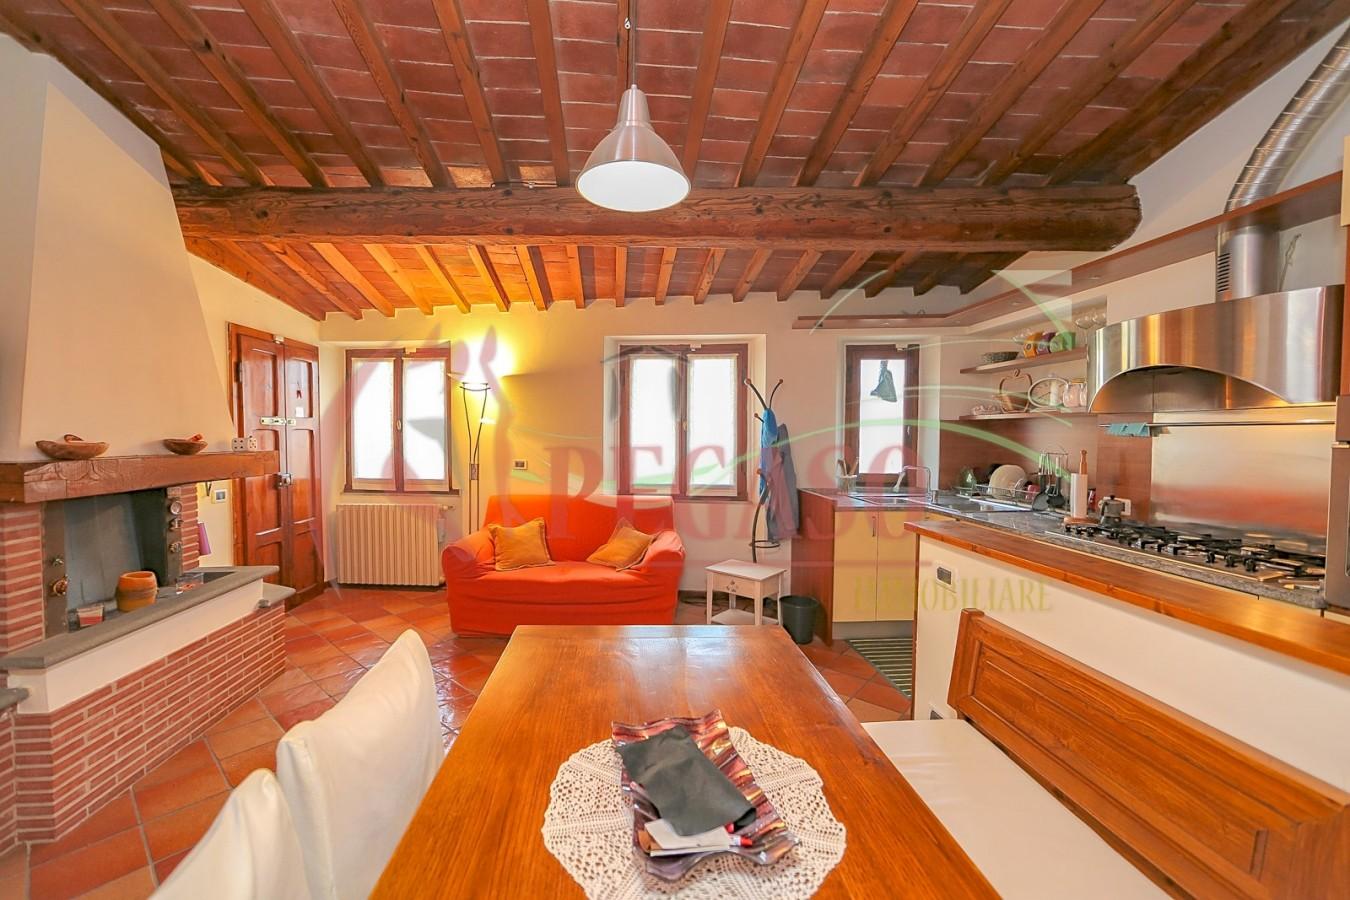 Bellissima mansarda in stile toscano via amendola with for Piani di casa in stile toscano